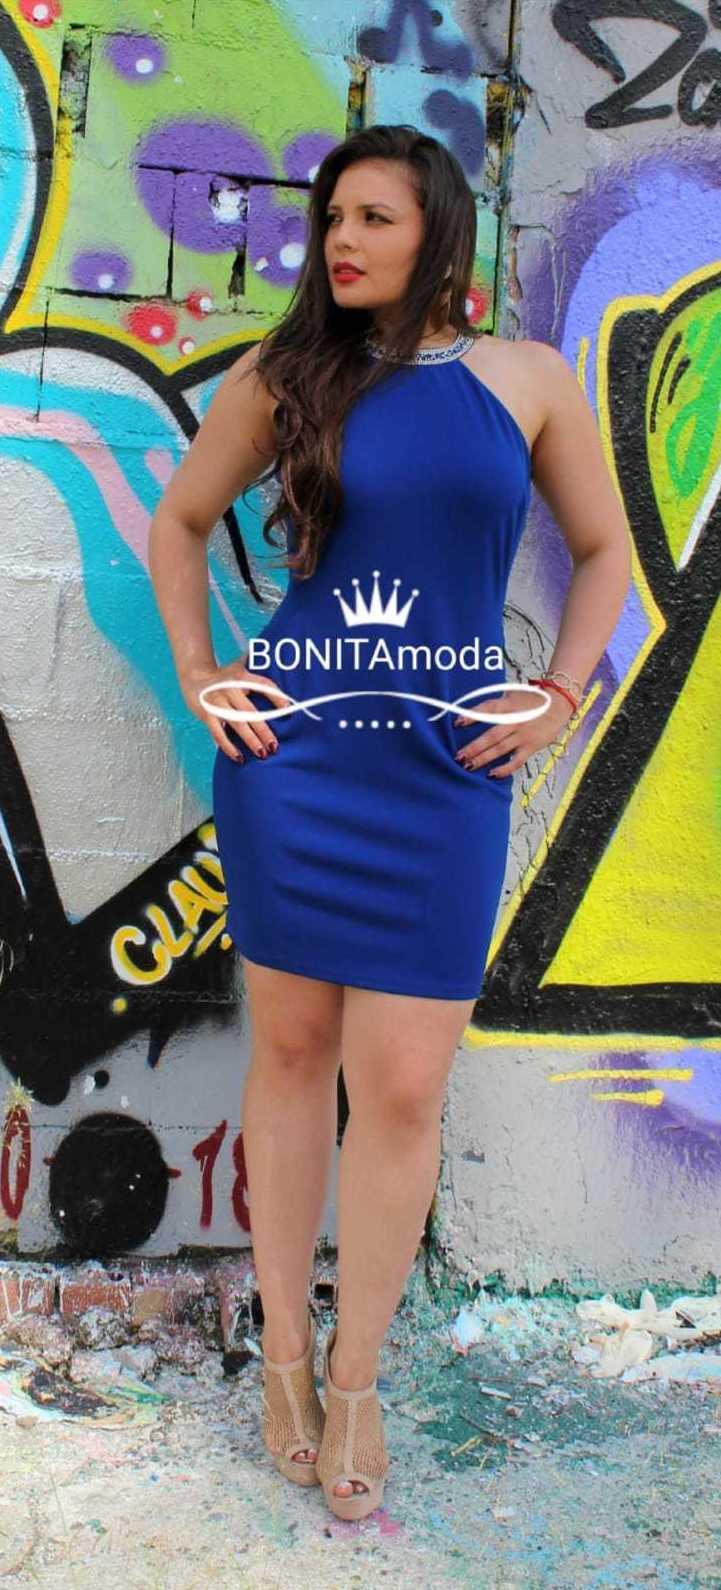 Bonita Moda en Ciudad Lineal, Madrid